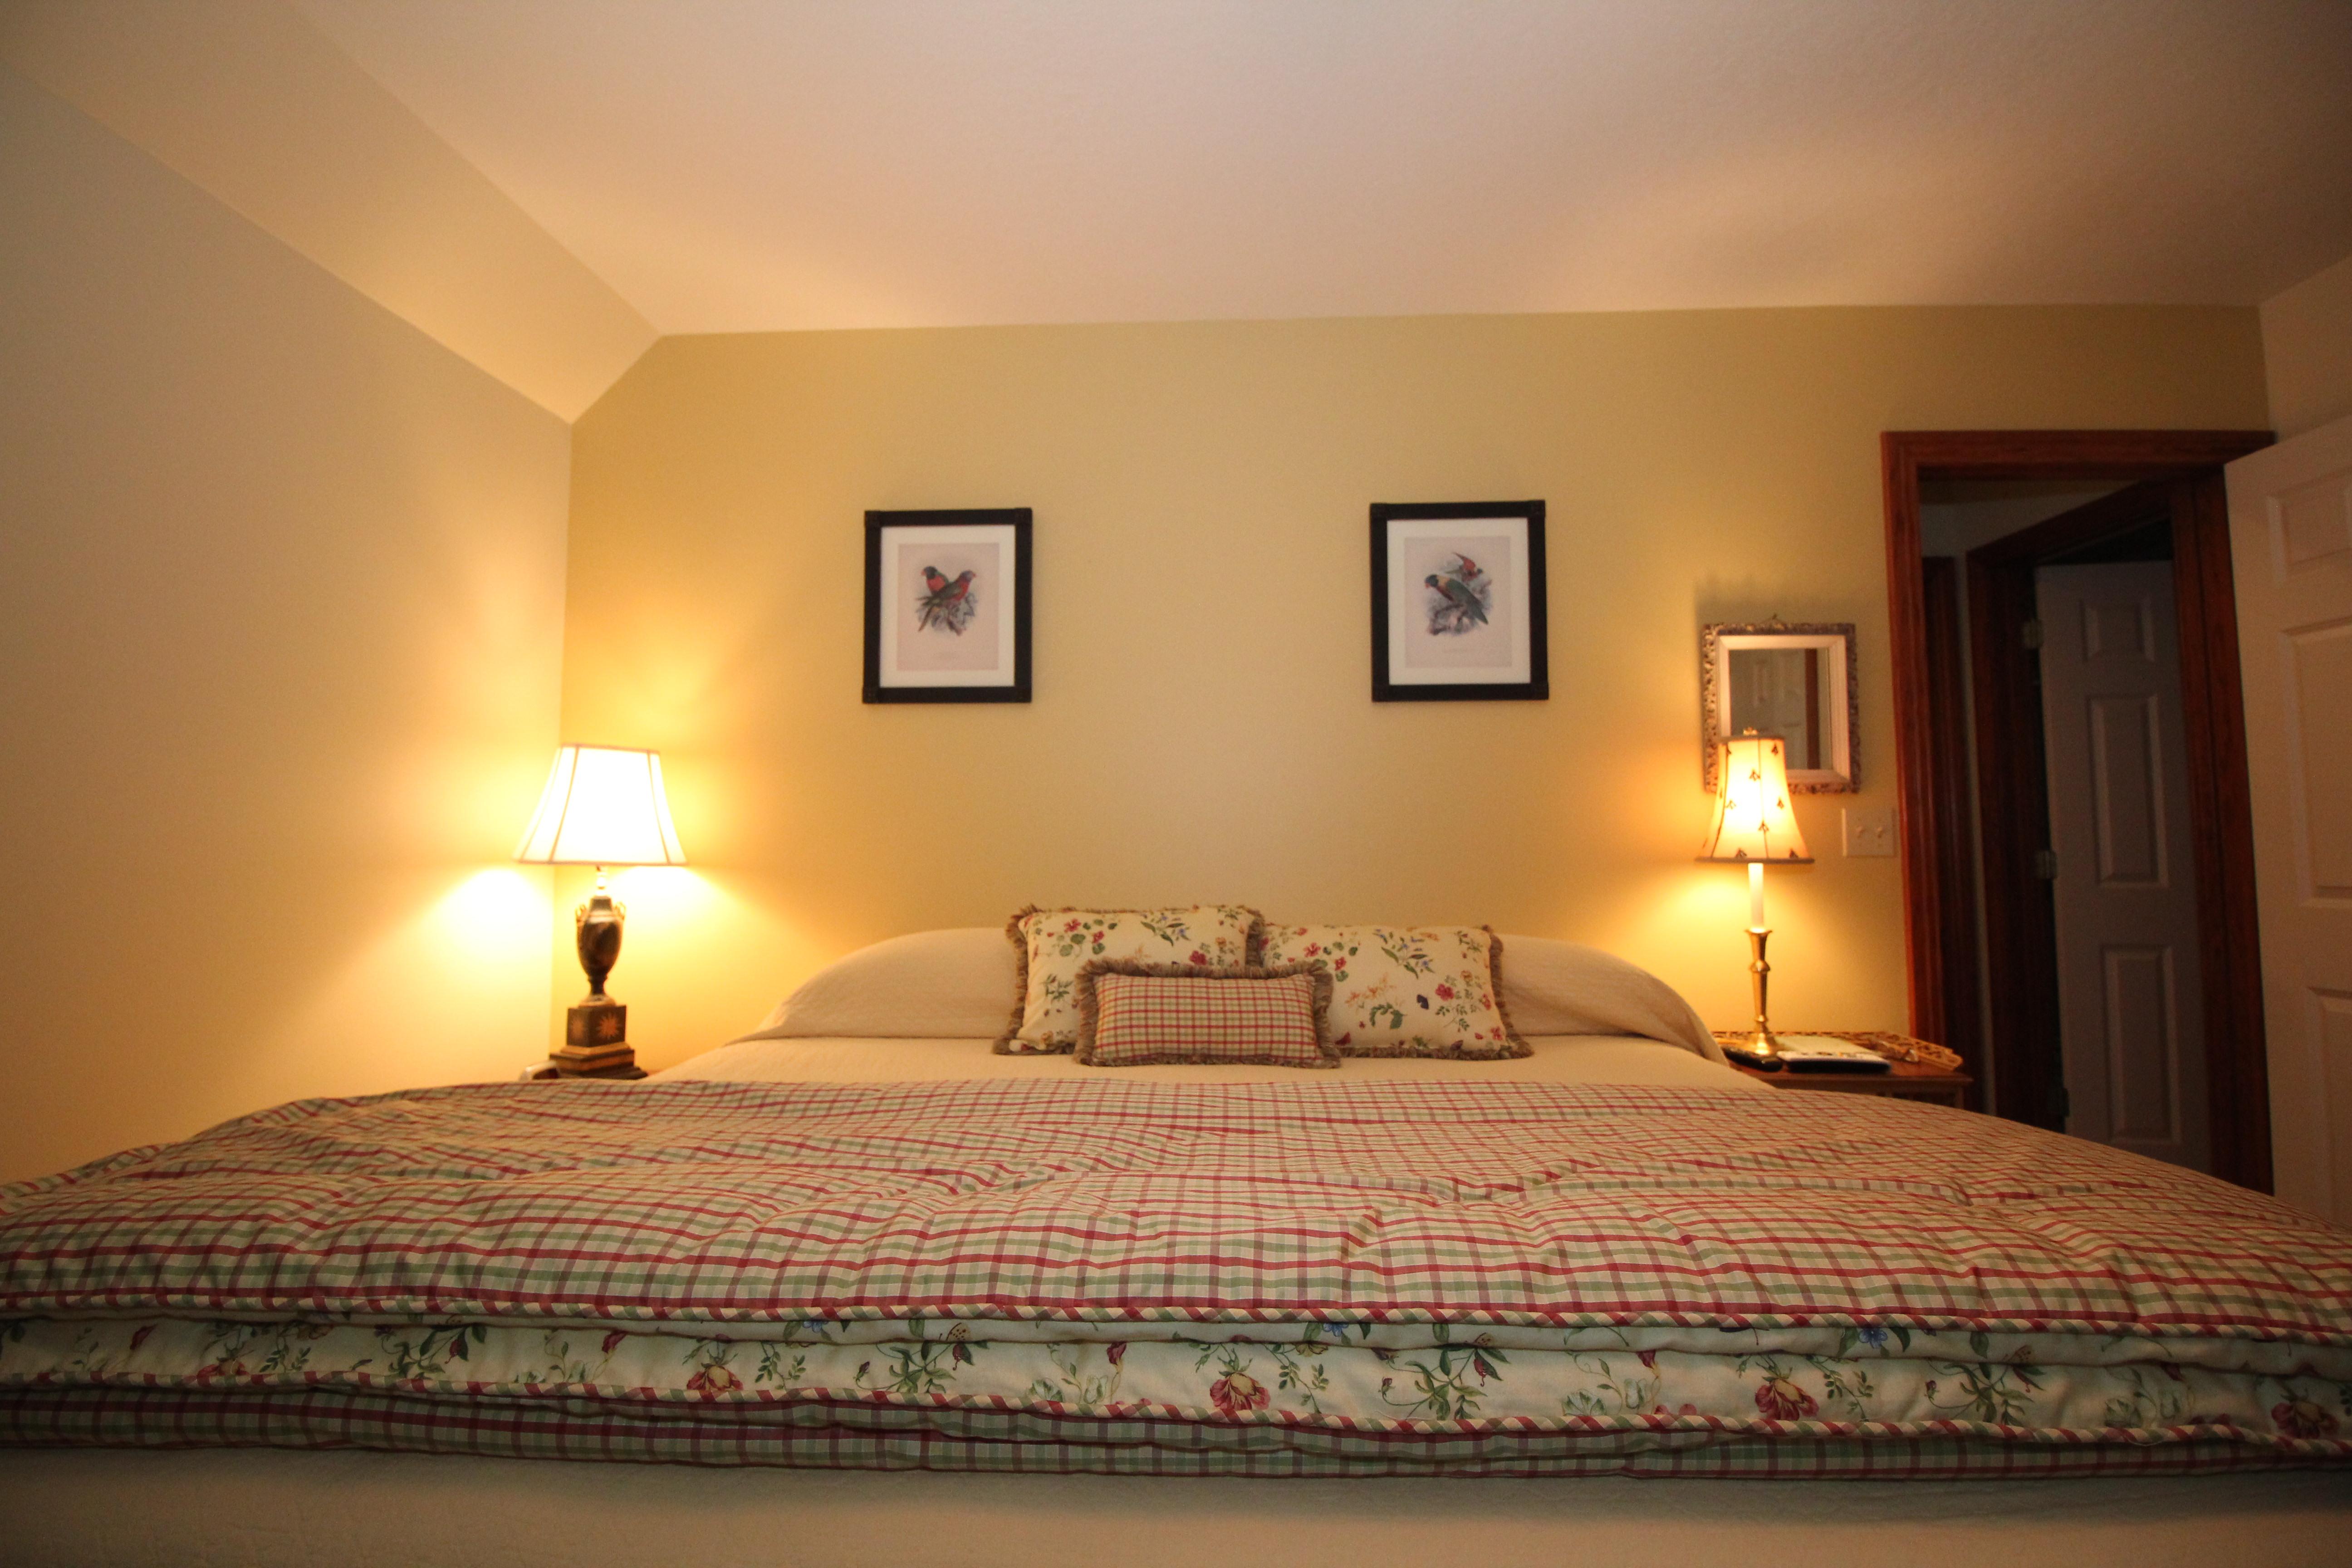 King Size Tempur-Pedic Bed